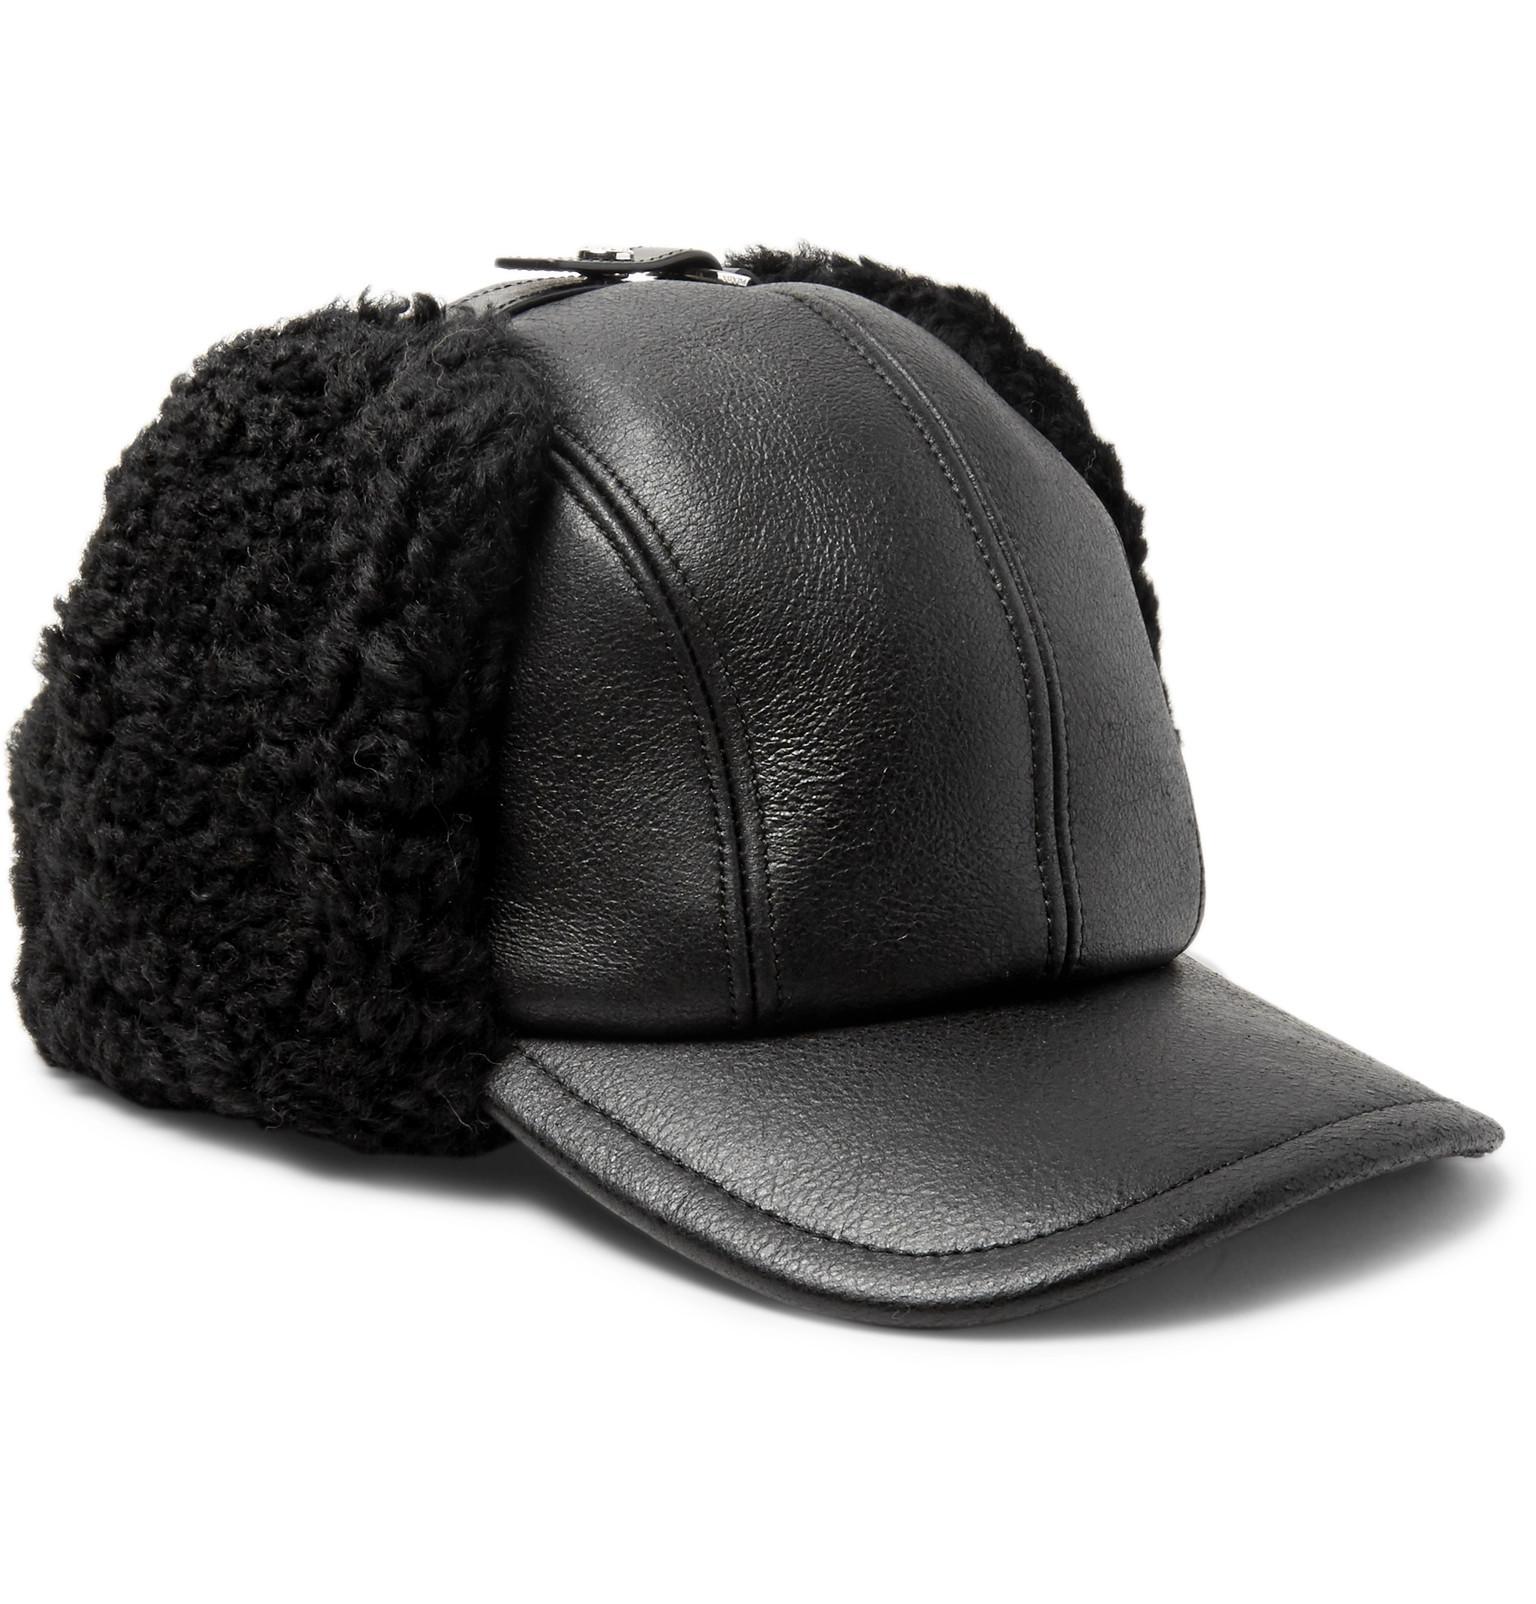 Lyst - Prada Shearling-trimmed Leather Cap in Black for Men af2fd0614e43